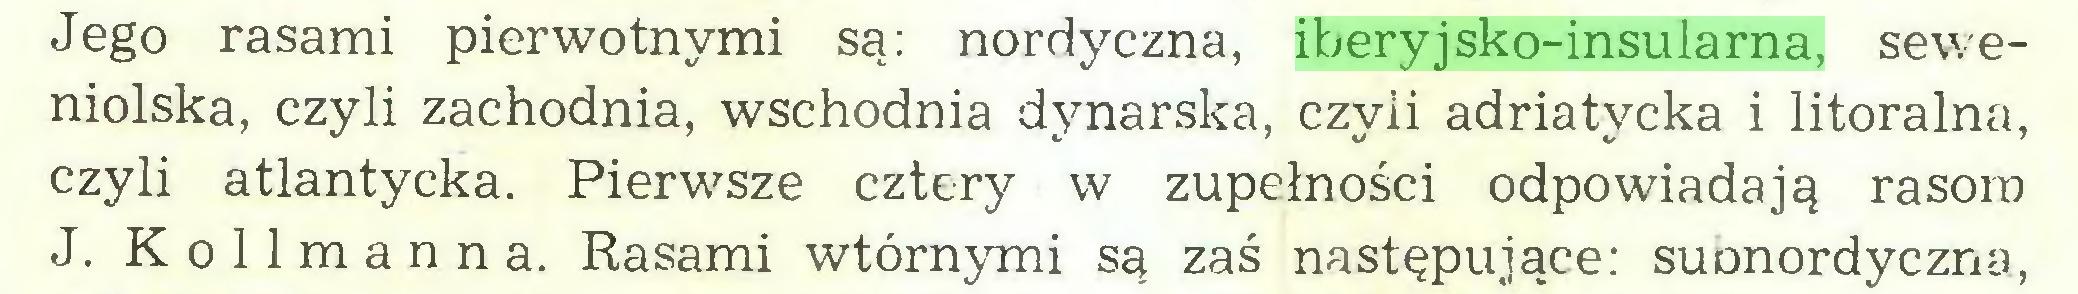 (...) Jego rasami pierwotnymi są: nordyczna, iberyjsko-insularna, seweniolska, czyli zachodnia, wschodnia dynarska, czyli adriatycka i litoralna, czyli atlantycka. Pierwsze cztery w zupełności odpowiadają rasom J. K o 11 m a n n a. Rasami wtórnymi są zaś następujące: suonordyczna,...